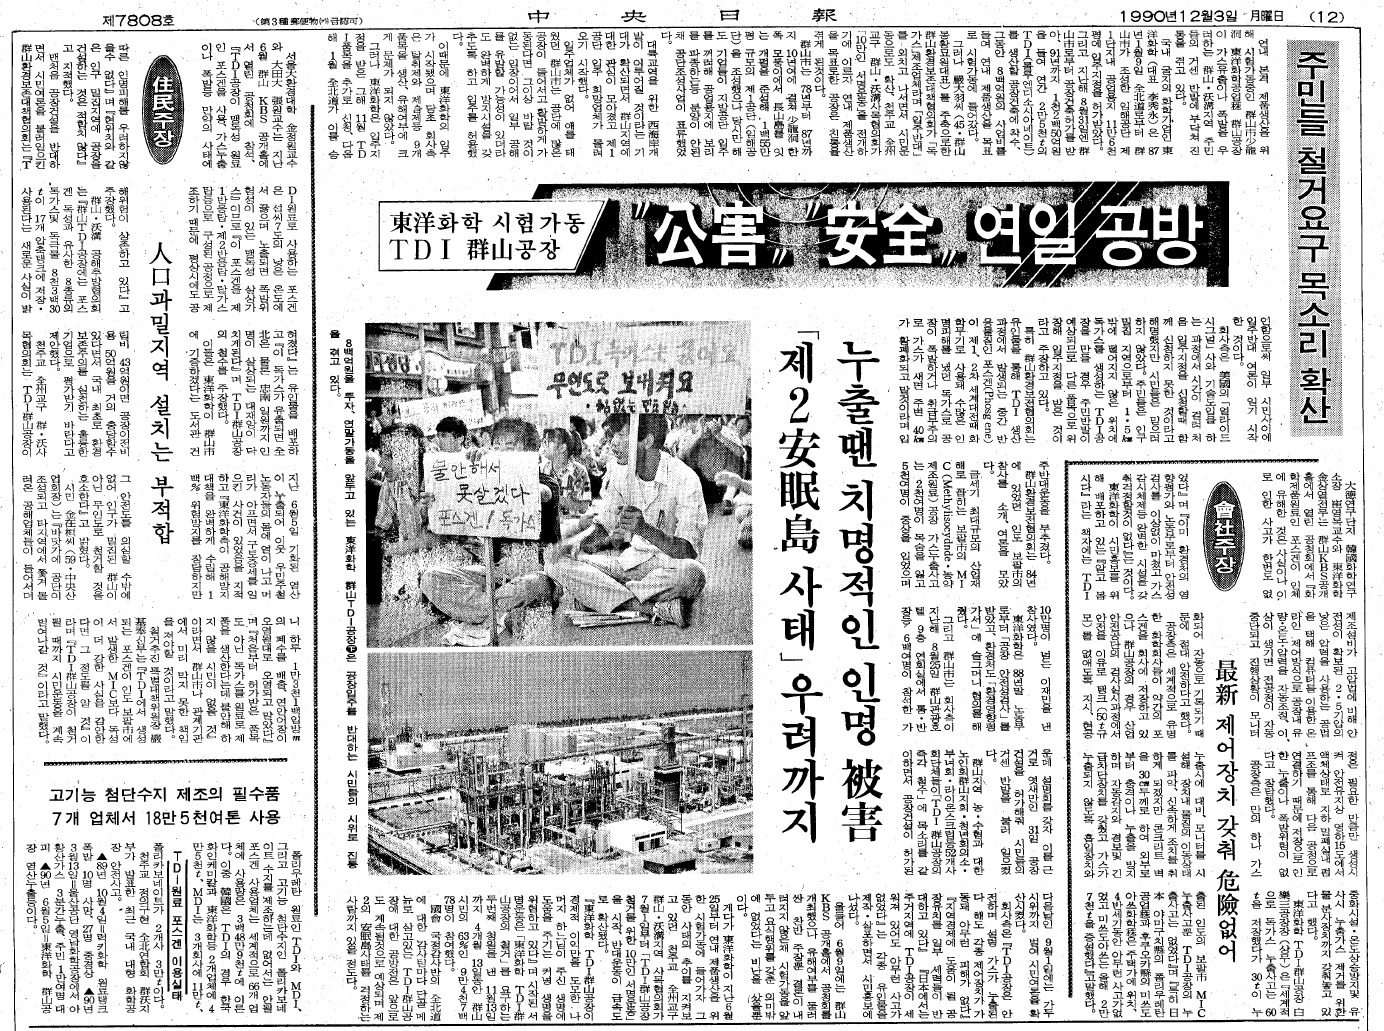 군산TDI 공장을 둘러싼 갈등을 보도한 중앙일보 1990년 12월 3일자 지면.